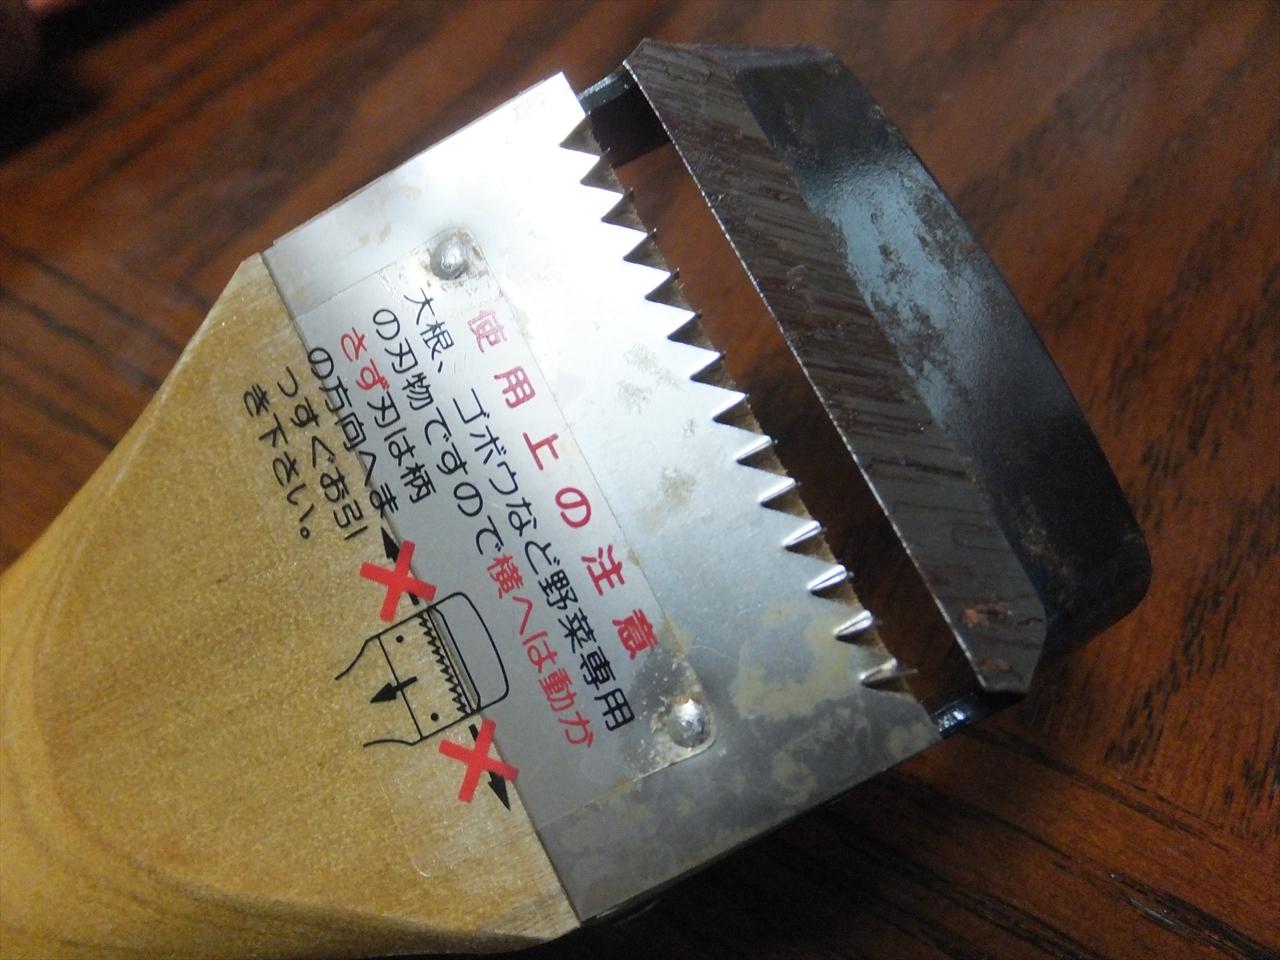 rDSCF8405.jpg